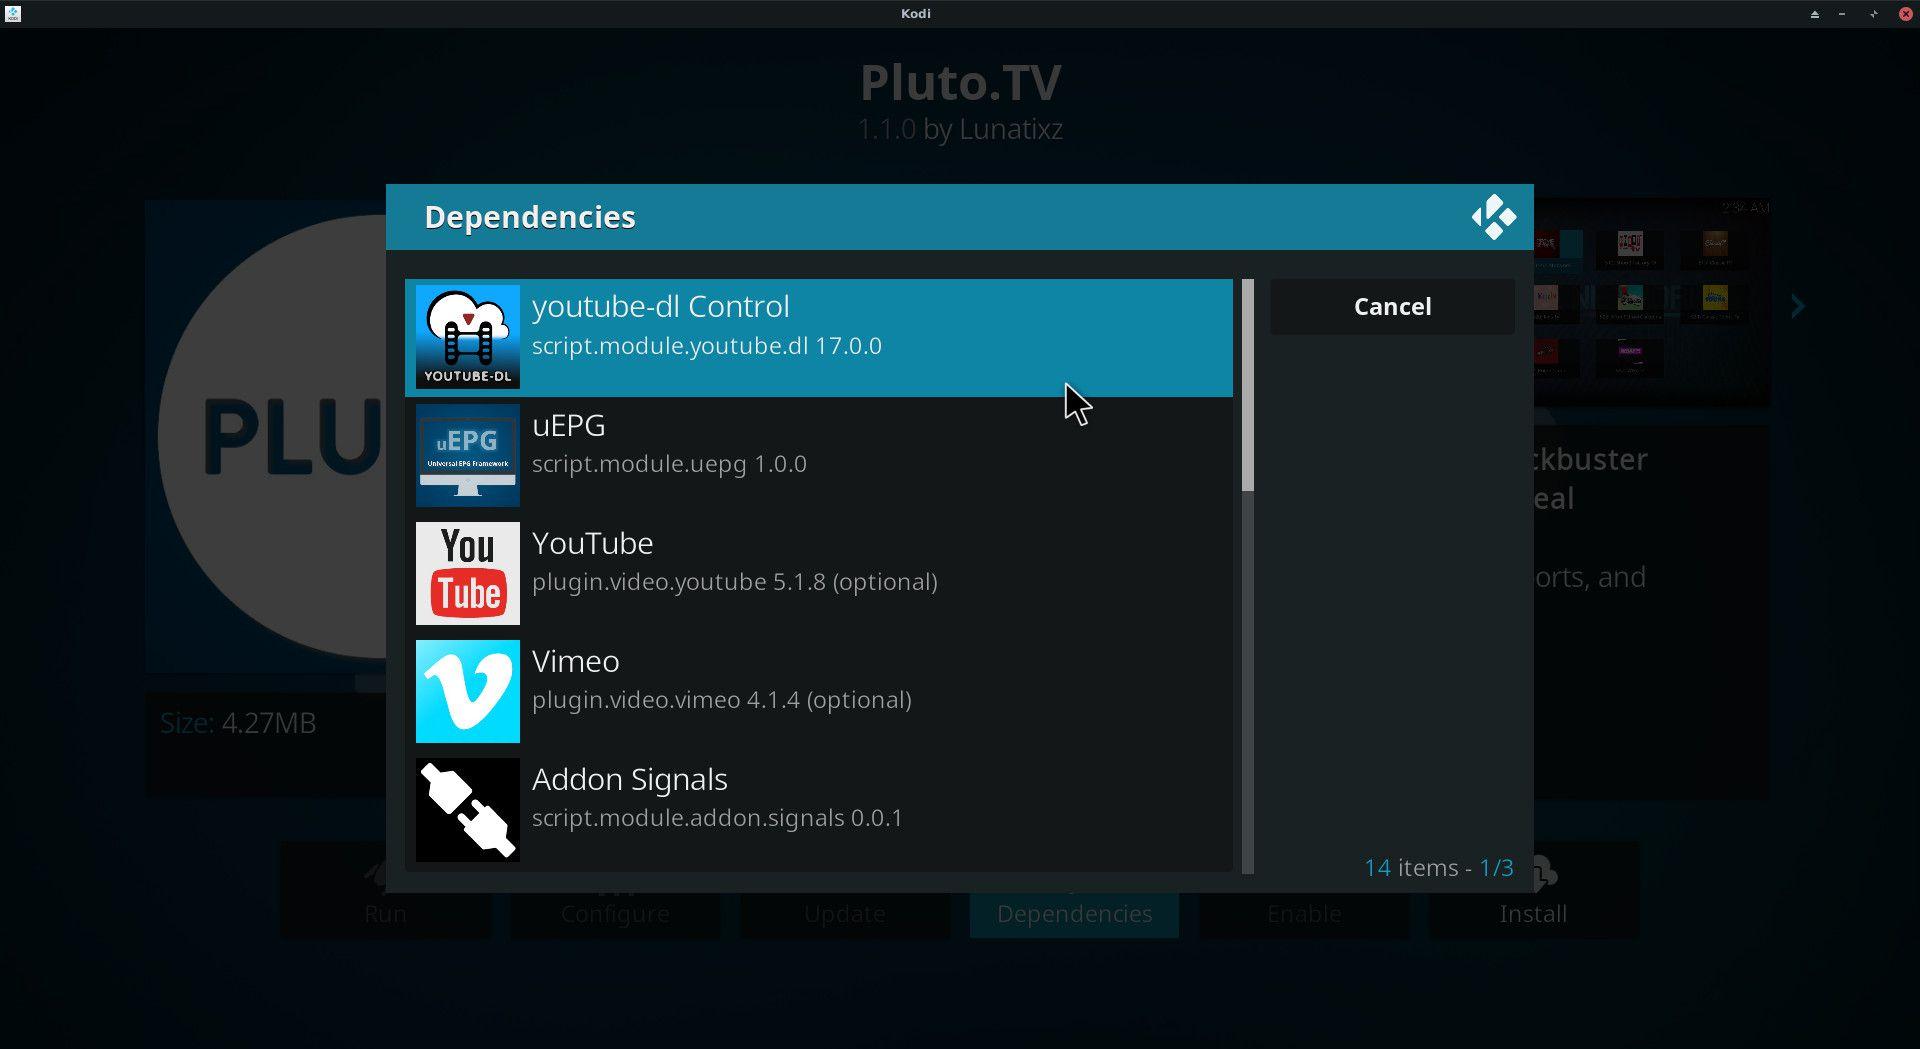 install pluto tv on kodi